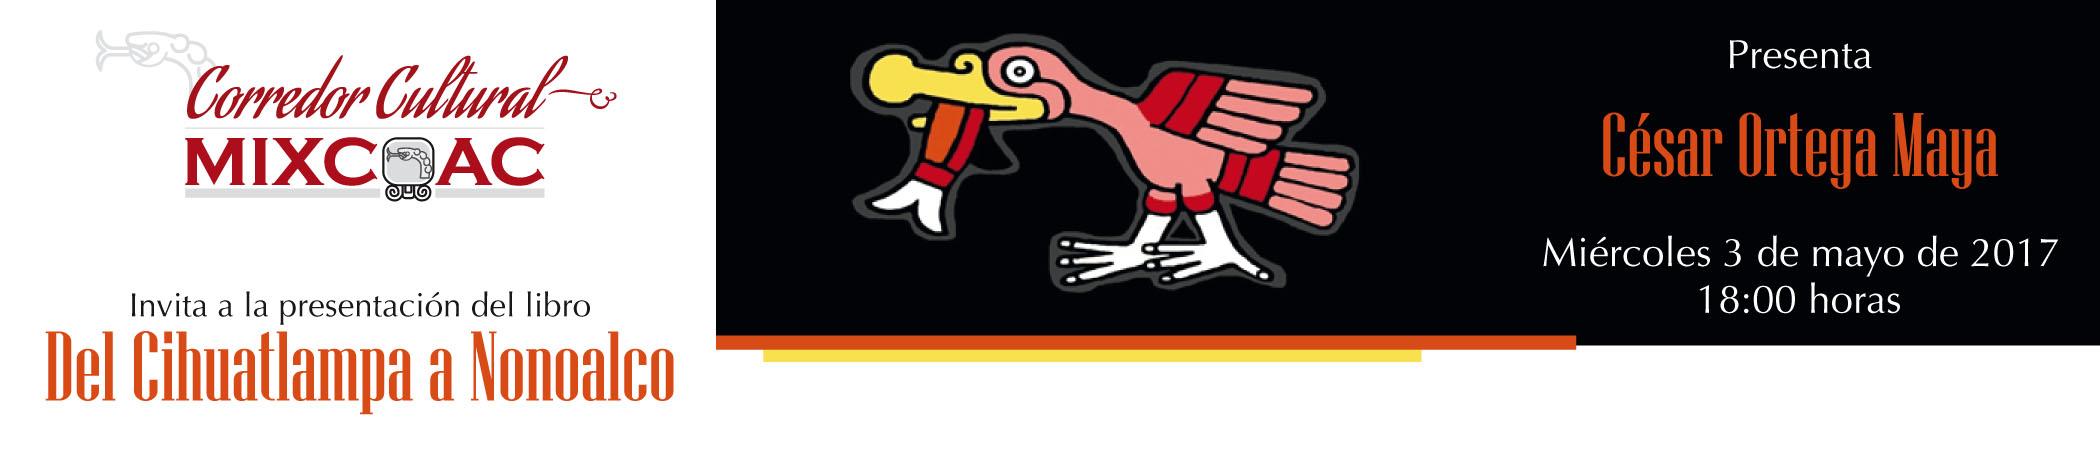 Presentación del libro Del Cihuatlampa a Nonoalco